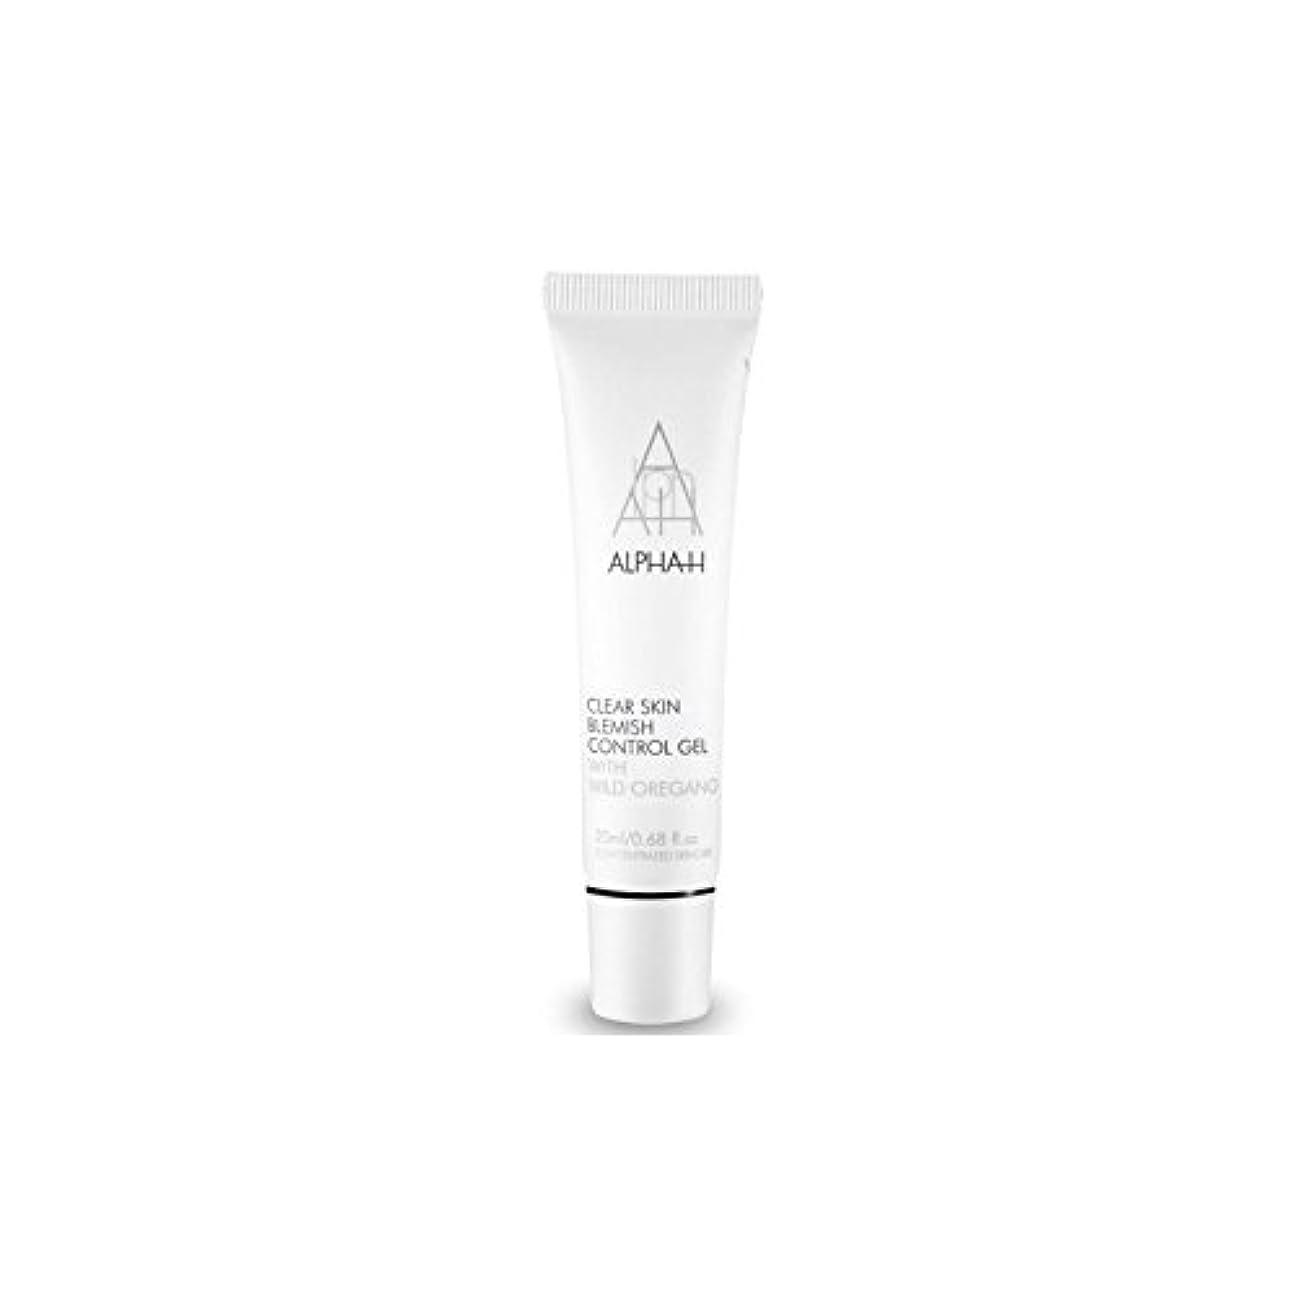 ブラケット神話解釈的Alpha-H Clear Skin Blemish Control Gel (20ml) - アルファクリア皮膚傷制御ゲル(20)中 [並行輸入品]